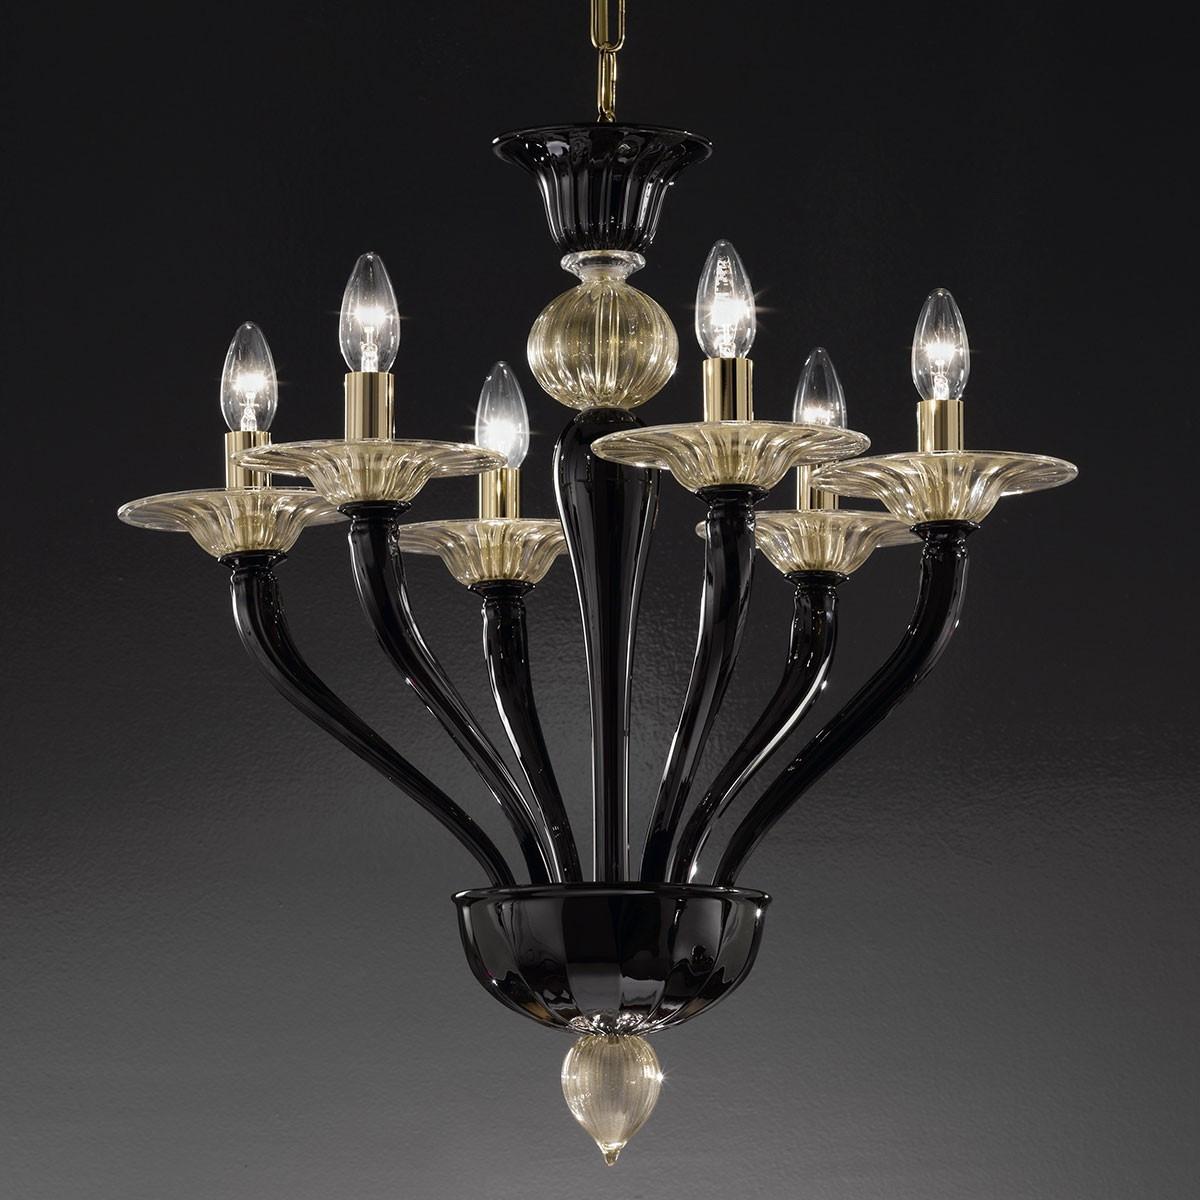 """""""Macbeth"""" lustre en cristal de Murano - 6 lumieres, noir et or"""